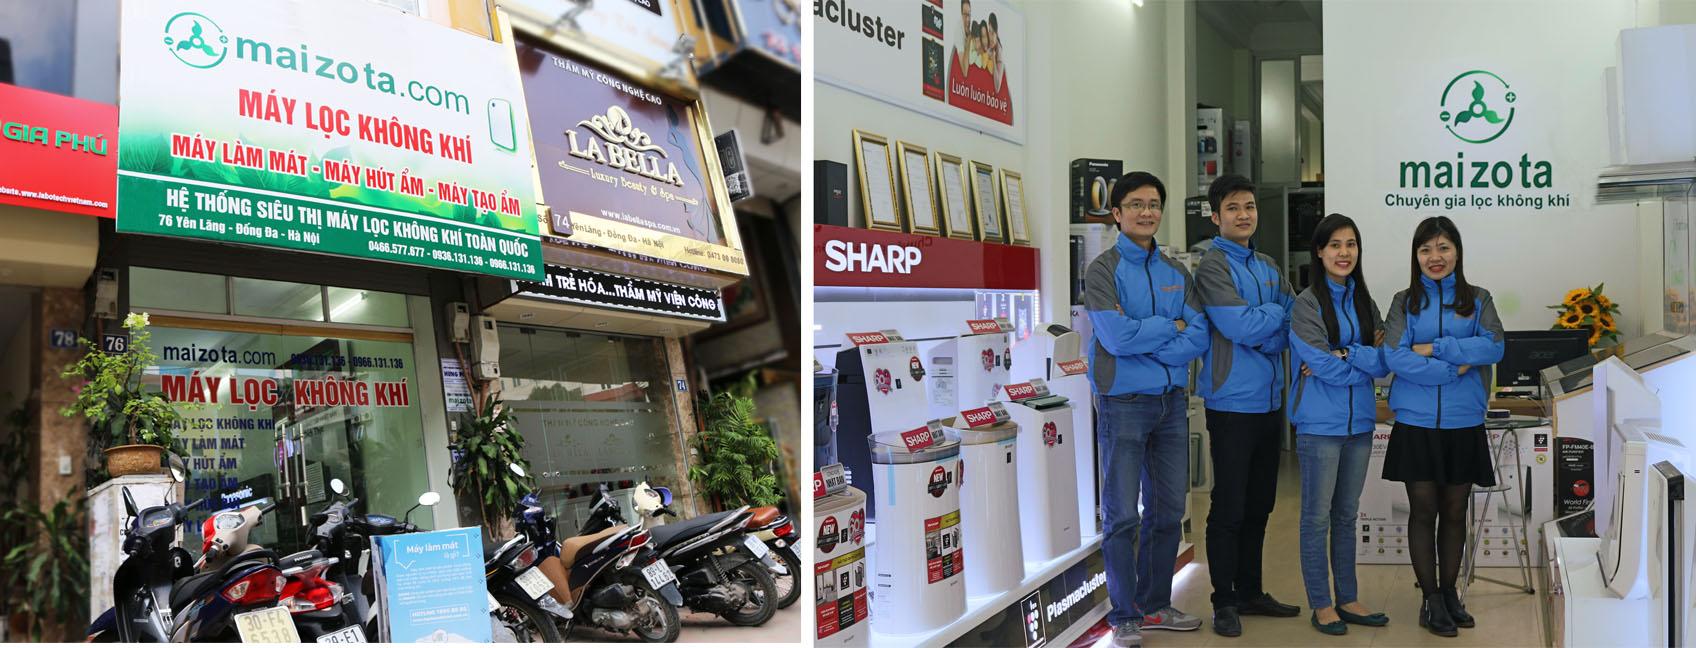 Cửa hàng maizota tại Hà Nội